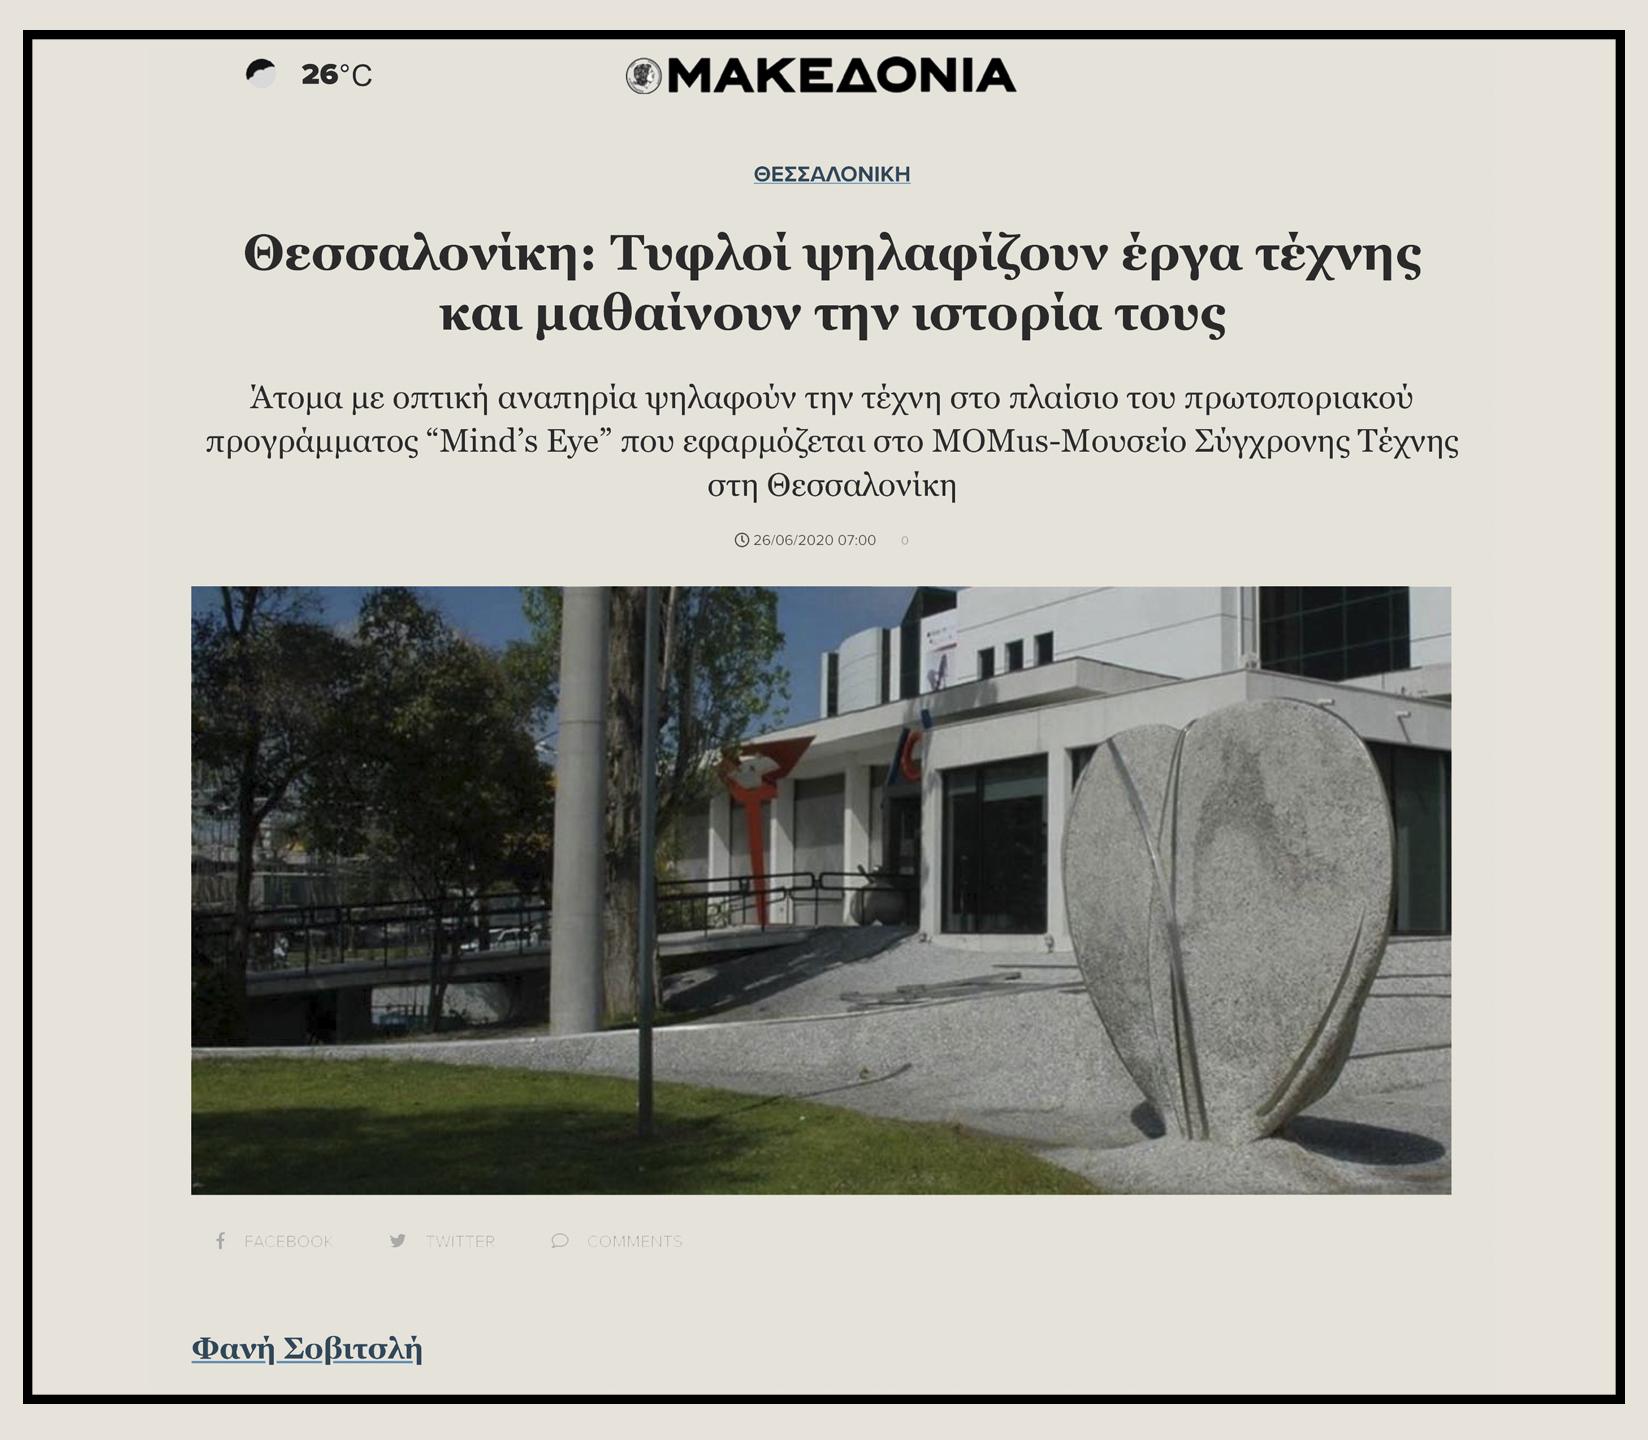 """Εικόνα από το δημοσίευμα στην εφημερίδα """"Μακεδονία"""" από την Φανή Σοβιτσλή. Φωτογραφία από τον εξωτερικό χώρο του MOMus-Μουσείου Σύγχρονης Τέχνης στην οποία εμφανίζεται τη είσοδος στο χώρο του μουσείου και γλυπτά που βρίσκονται στον εξωτερικό χώρο. Ένα κόκκινο αφηρημένο γλυπτό του Κώστα Κουλεντιανού αριστερά της εισόδου, ένα γλυπτό με λαμπτήρες νέον από το Στήβεν Αντωνάκο και η γλυπτική διαμόρφωση του αύλιου χώρου του μουσείου από το Φιλόλαο Τλούπα."""